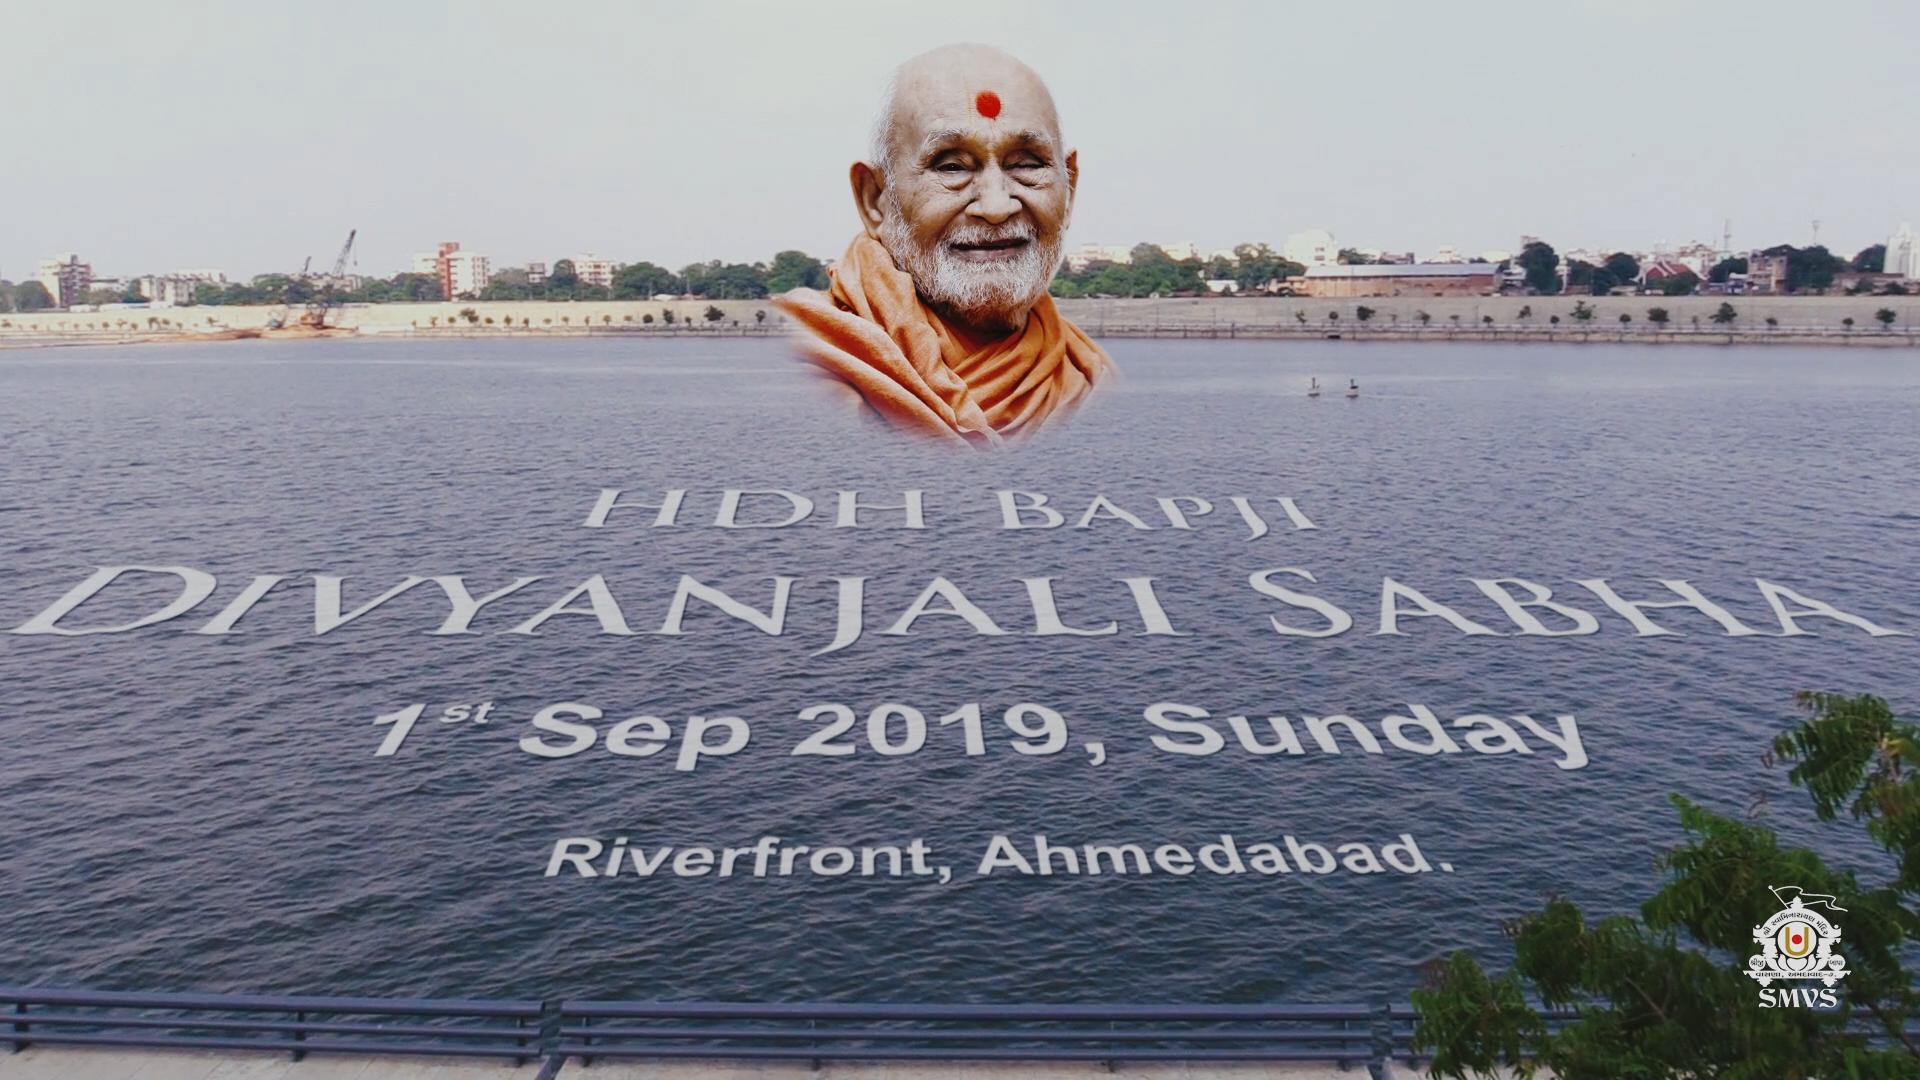 HDH Bapji Divyanjali Sabha - Riverfront, Ahmedabad | 01 Sep, 2019 | Highlights